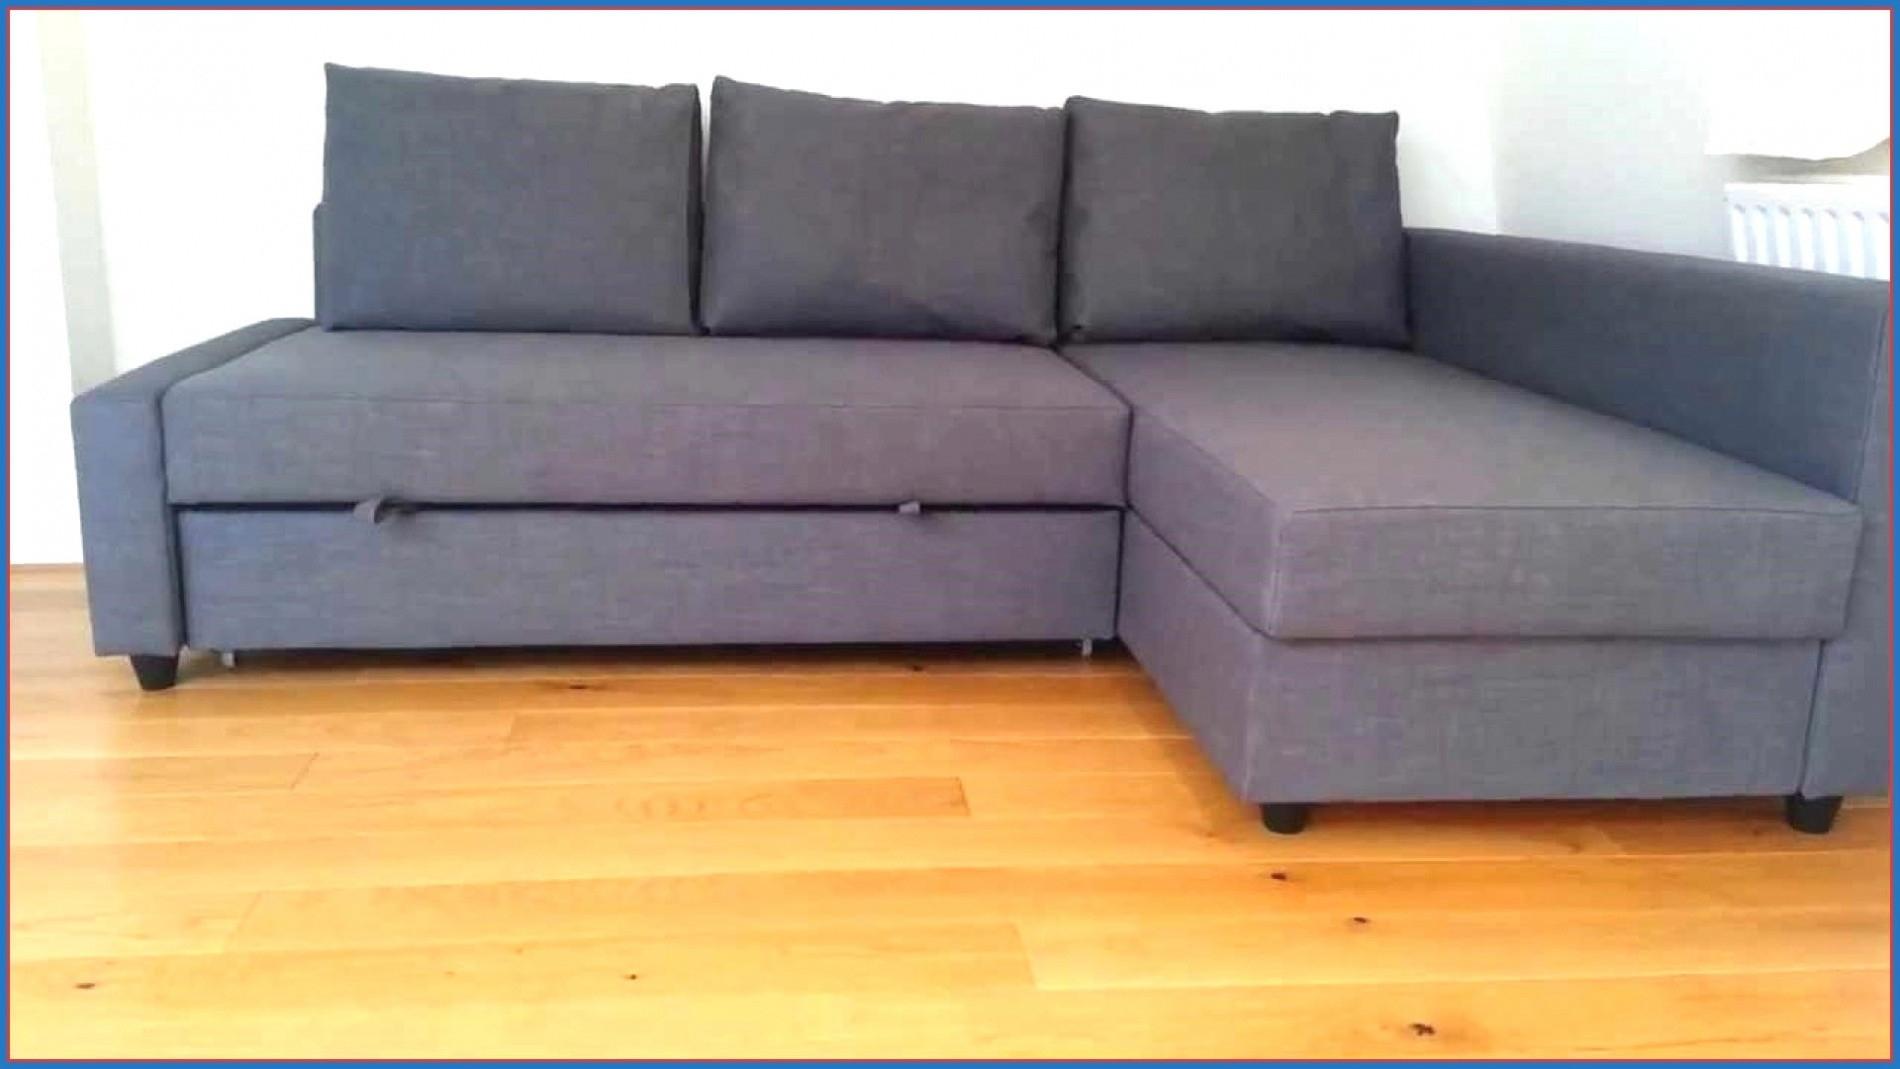 Housse Canapé Angle Ikea Luxe Photos La Charmant Choisir Un Canapé Conception  Perfectionner La G Te